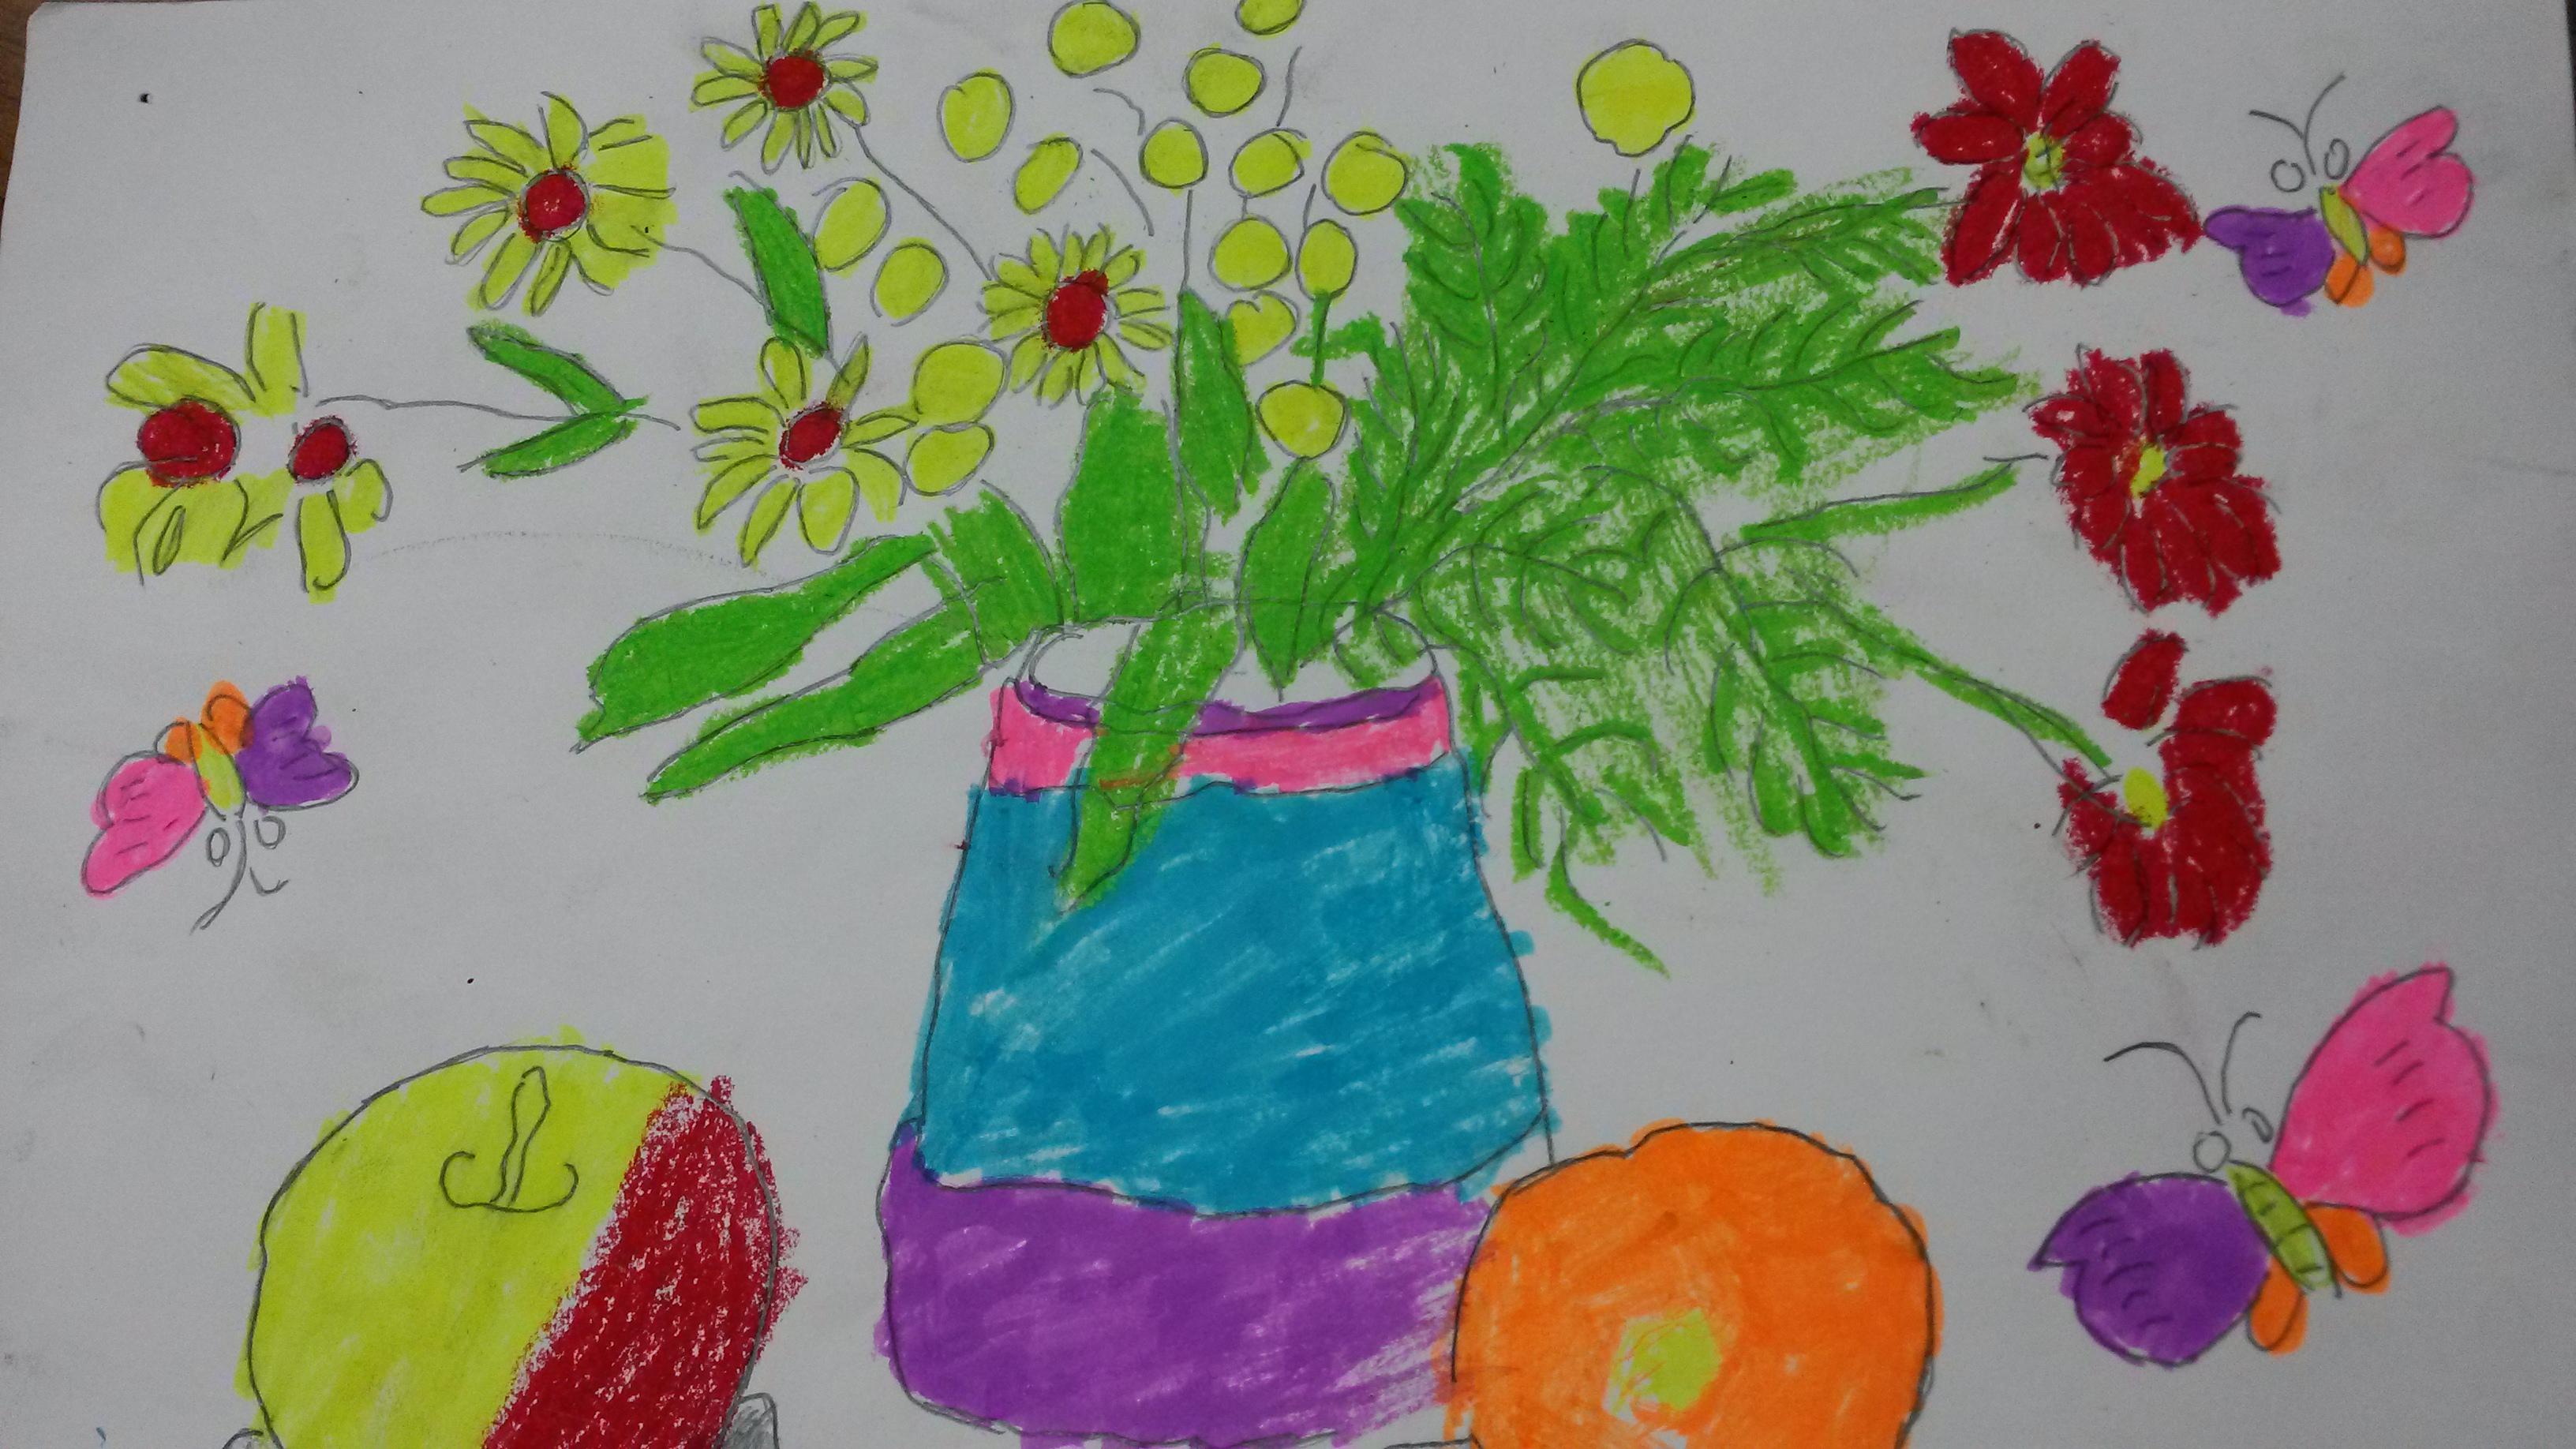 爱祖国的优秀画-爱祖国儿童画图片大全_我爱祖国的绘画_爱祖国的绘画